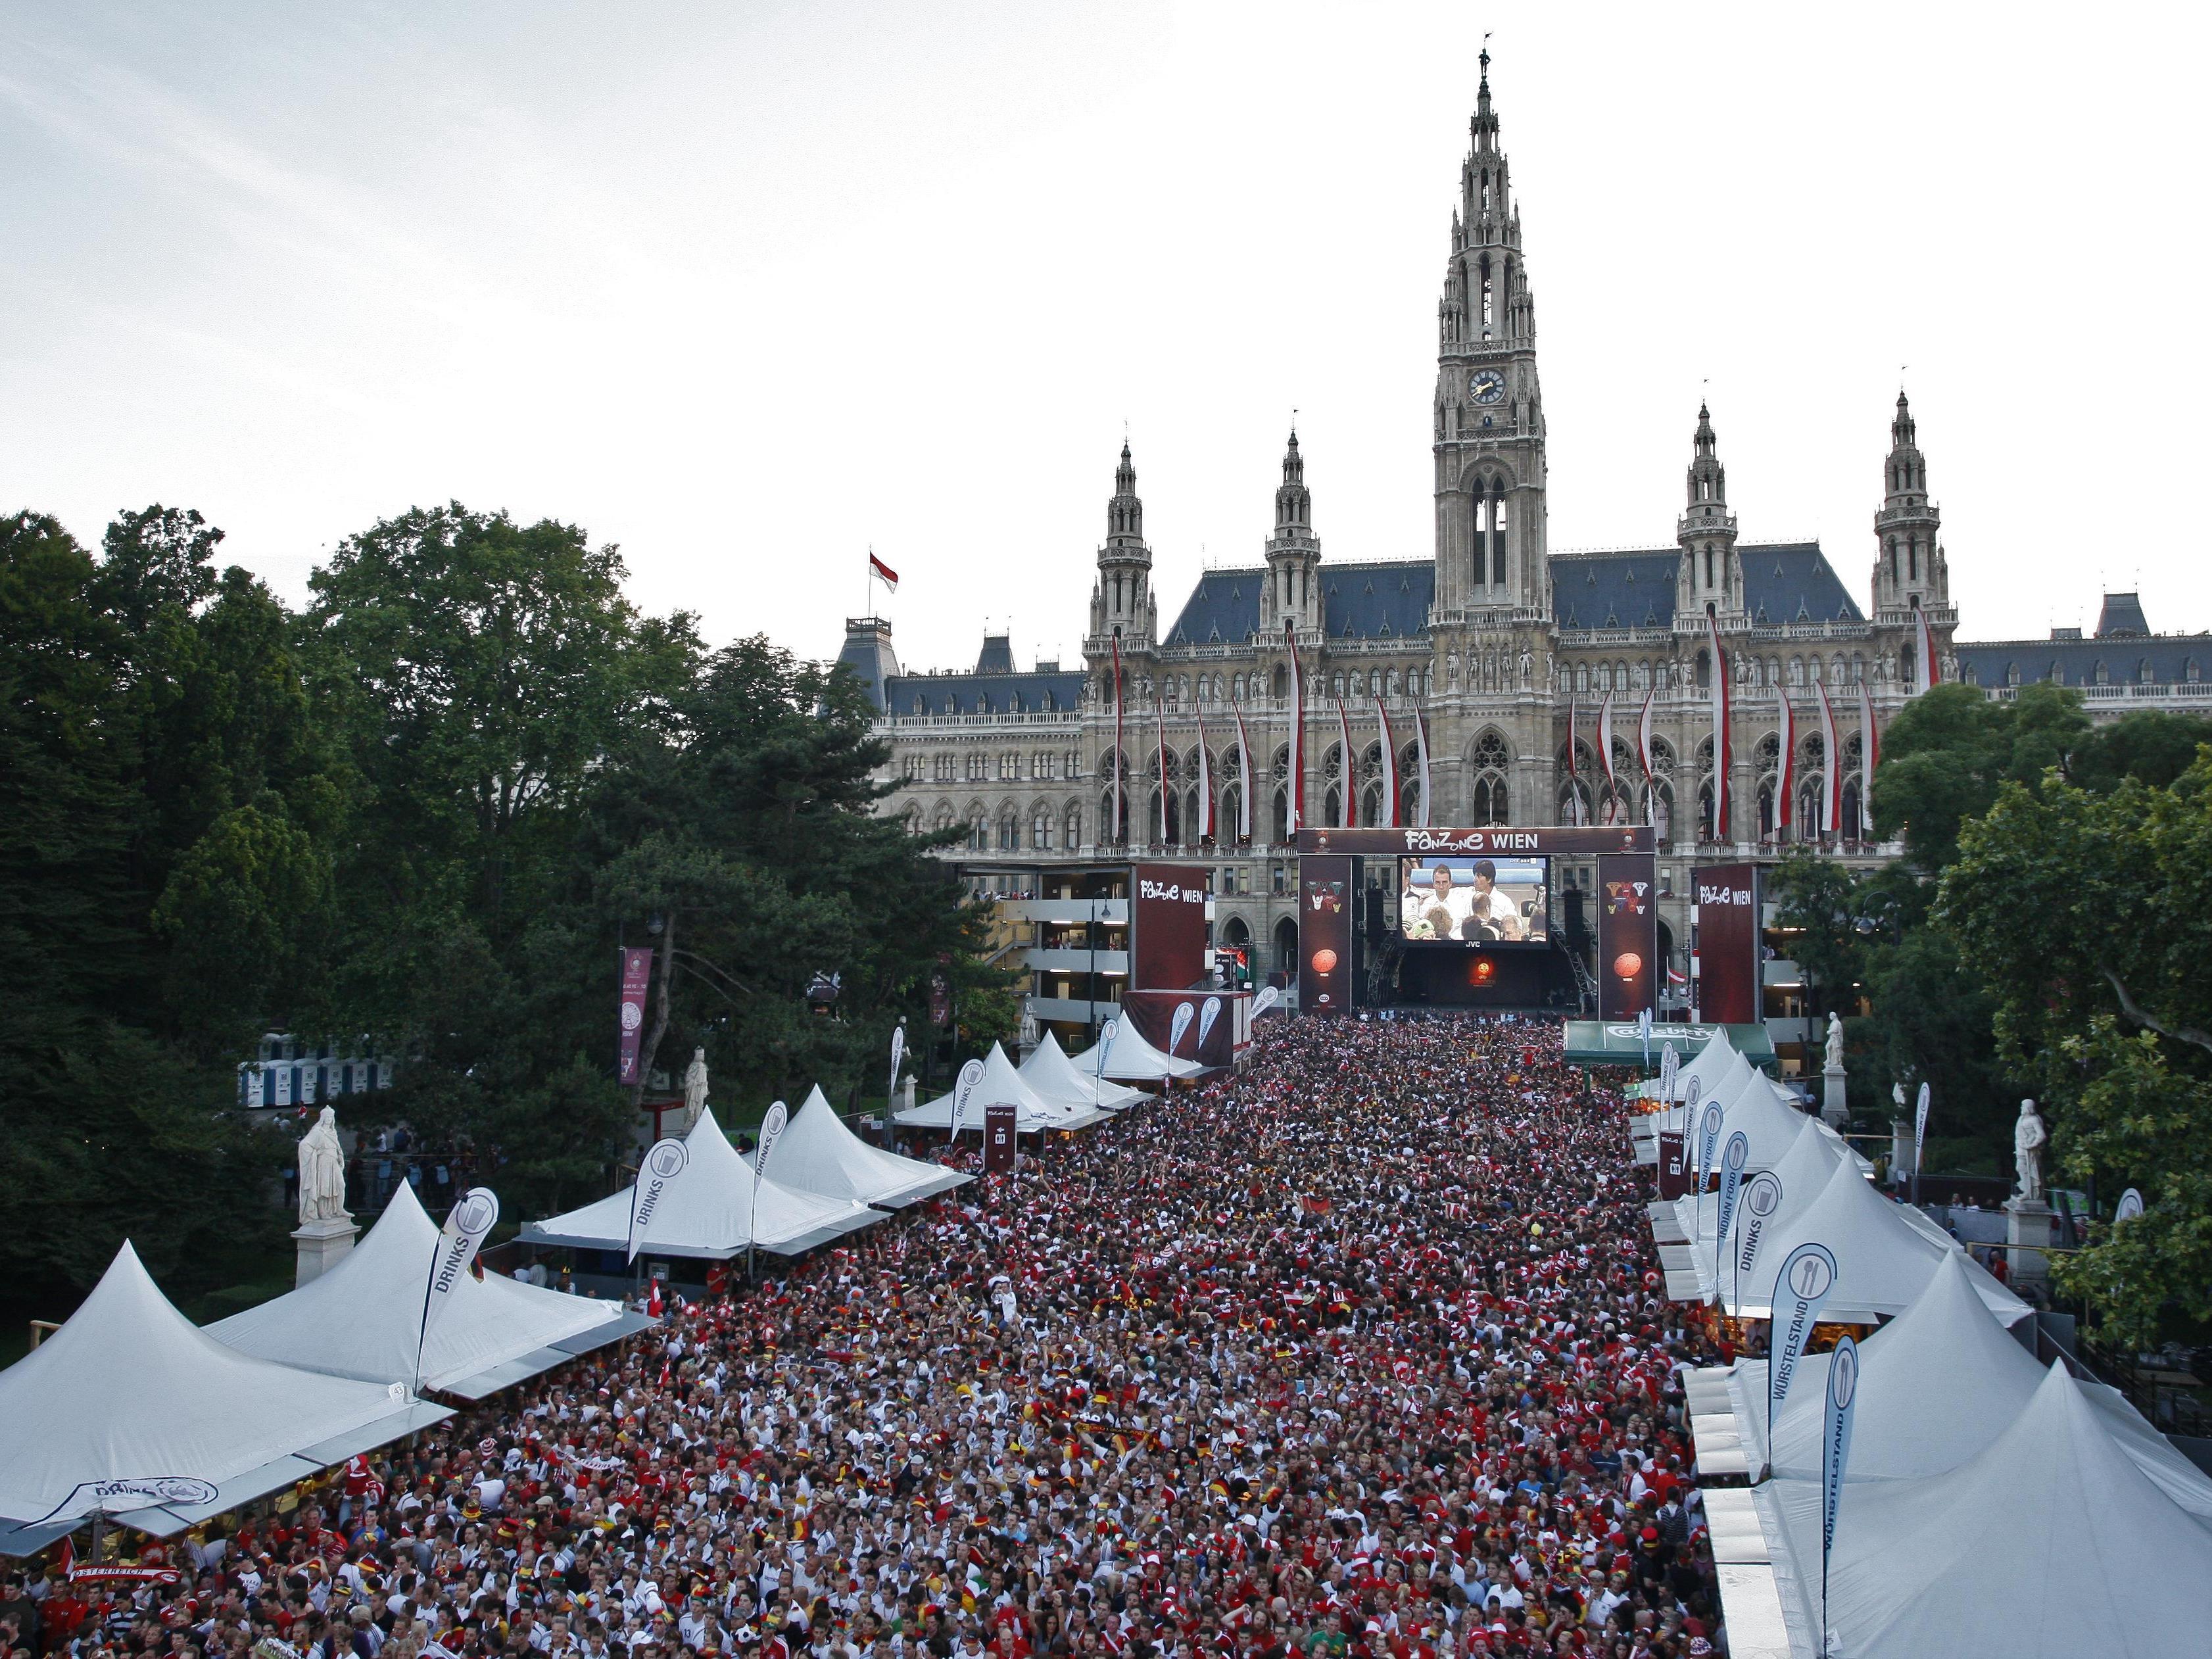 Der Rathausplatz wird im Juni zur Fußball-Fanzone.